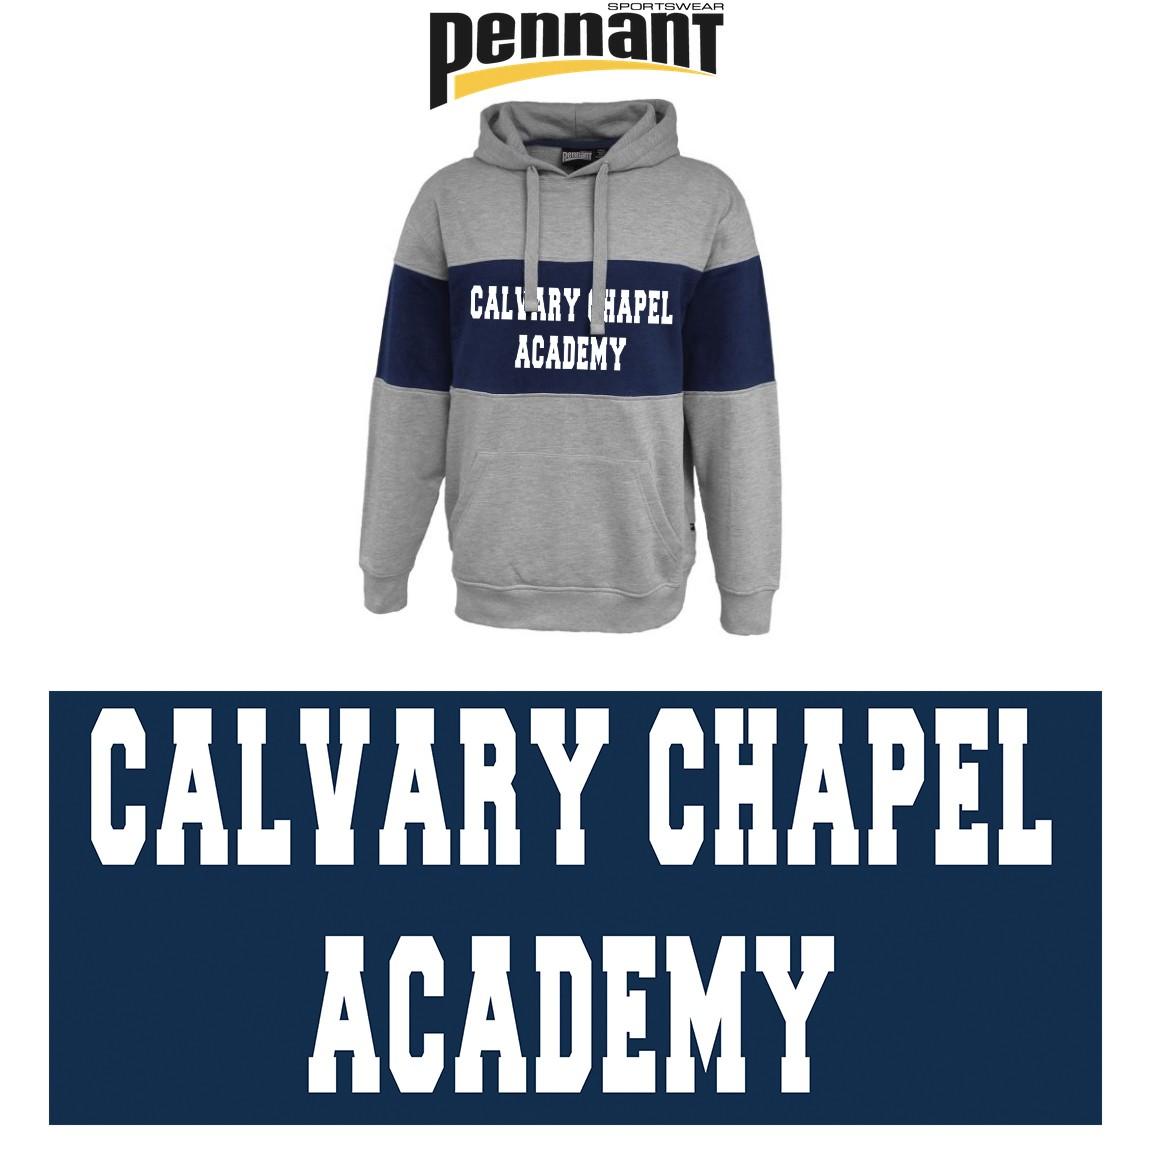 Calvary Chapel Academy Pennant Sportswear Spoiler Hoodie, Unisex Adult